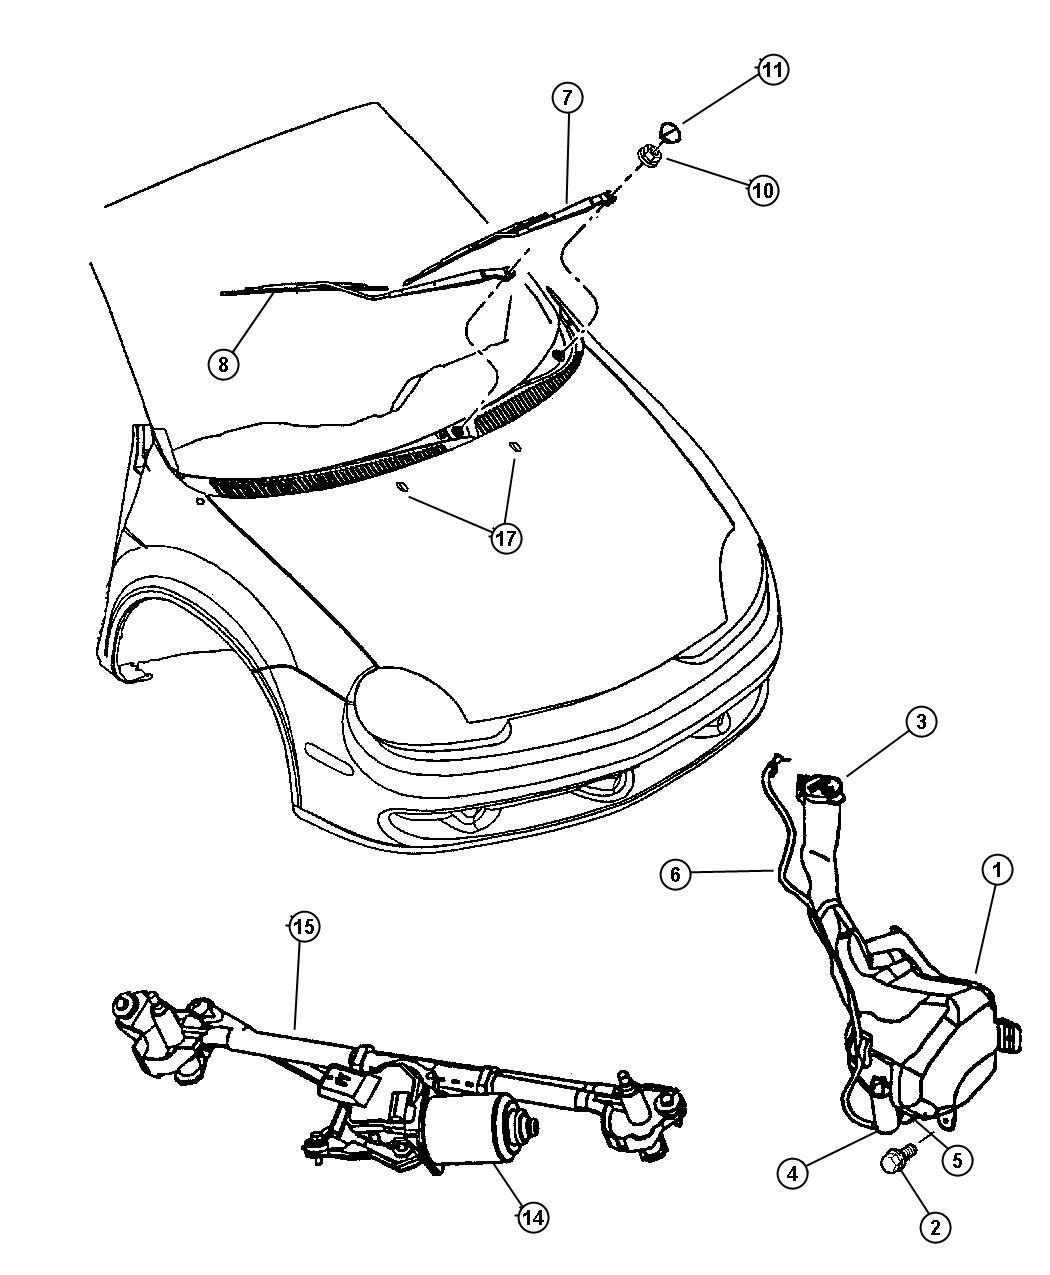 Dodge Neon Reservoir Washer Sohc Smpi Engine